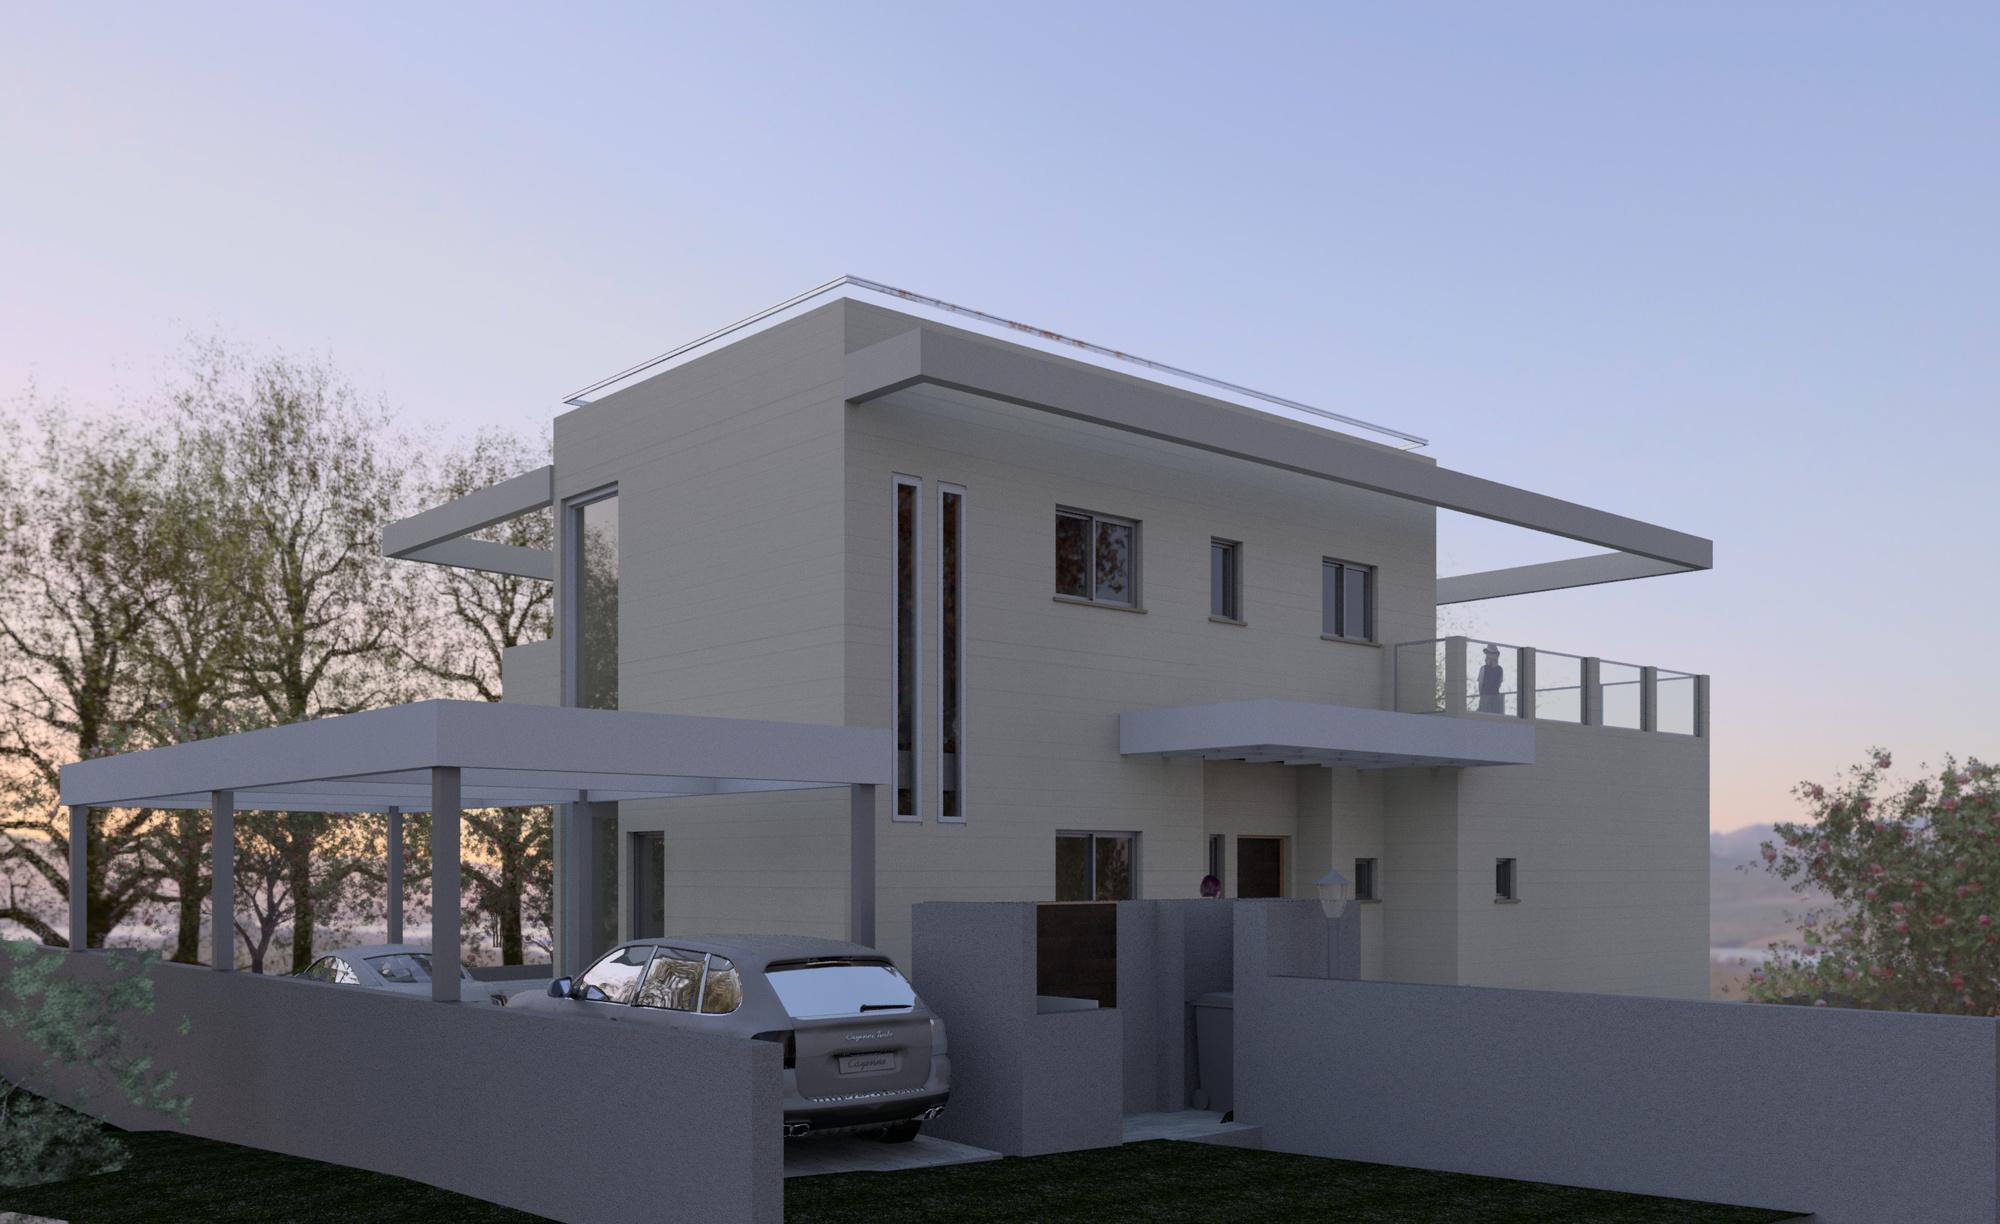 Raas-rendering20150430-31897-leko00